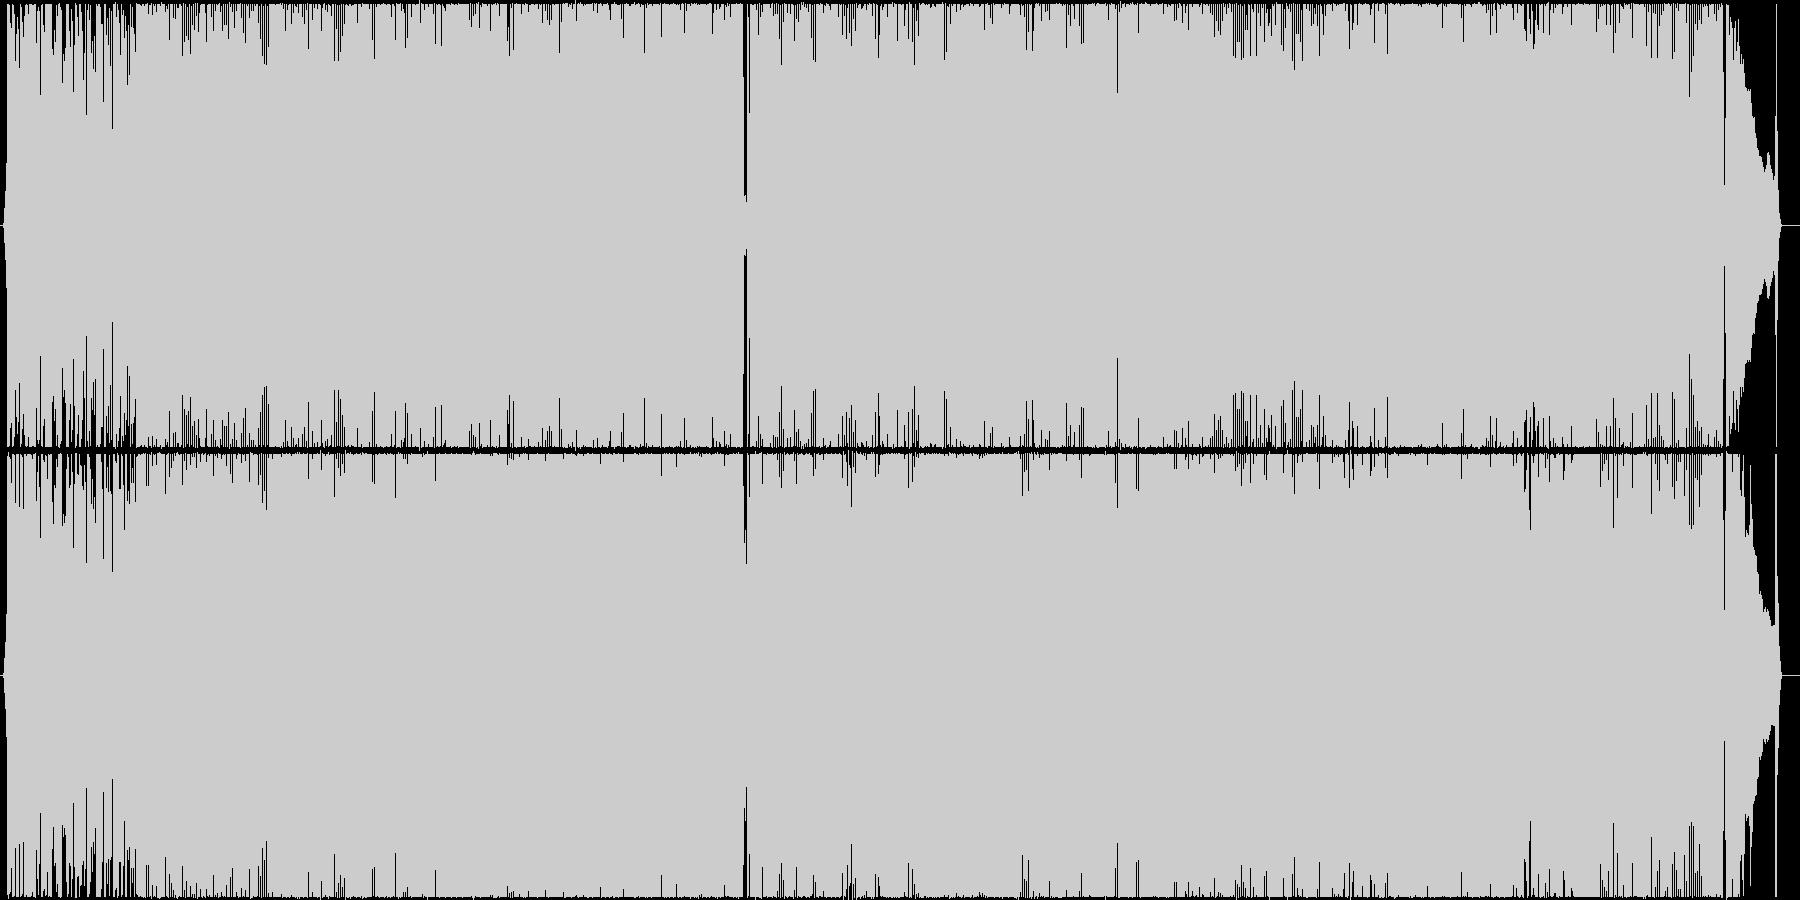 アコギメインの爽やかなポップスの未再生の波形